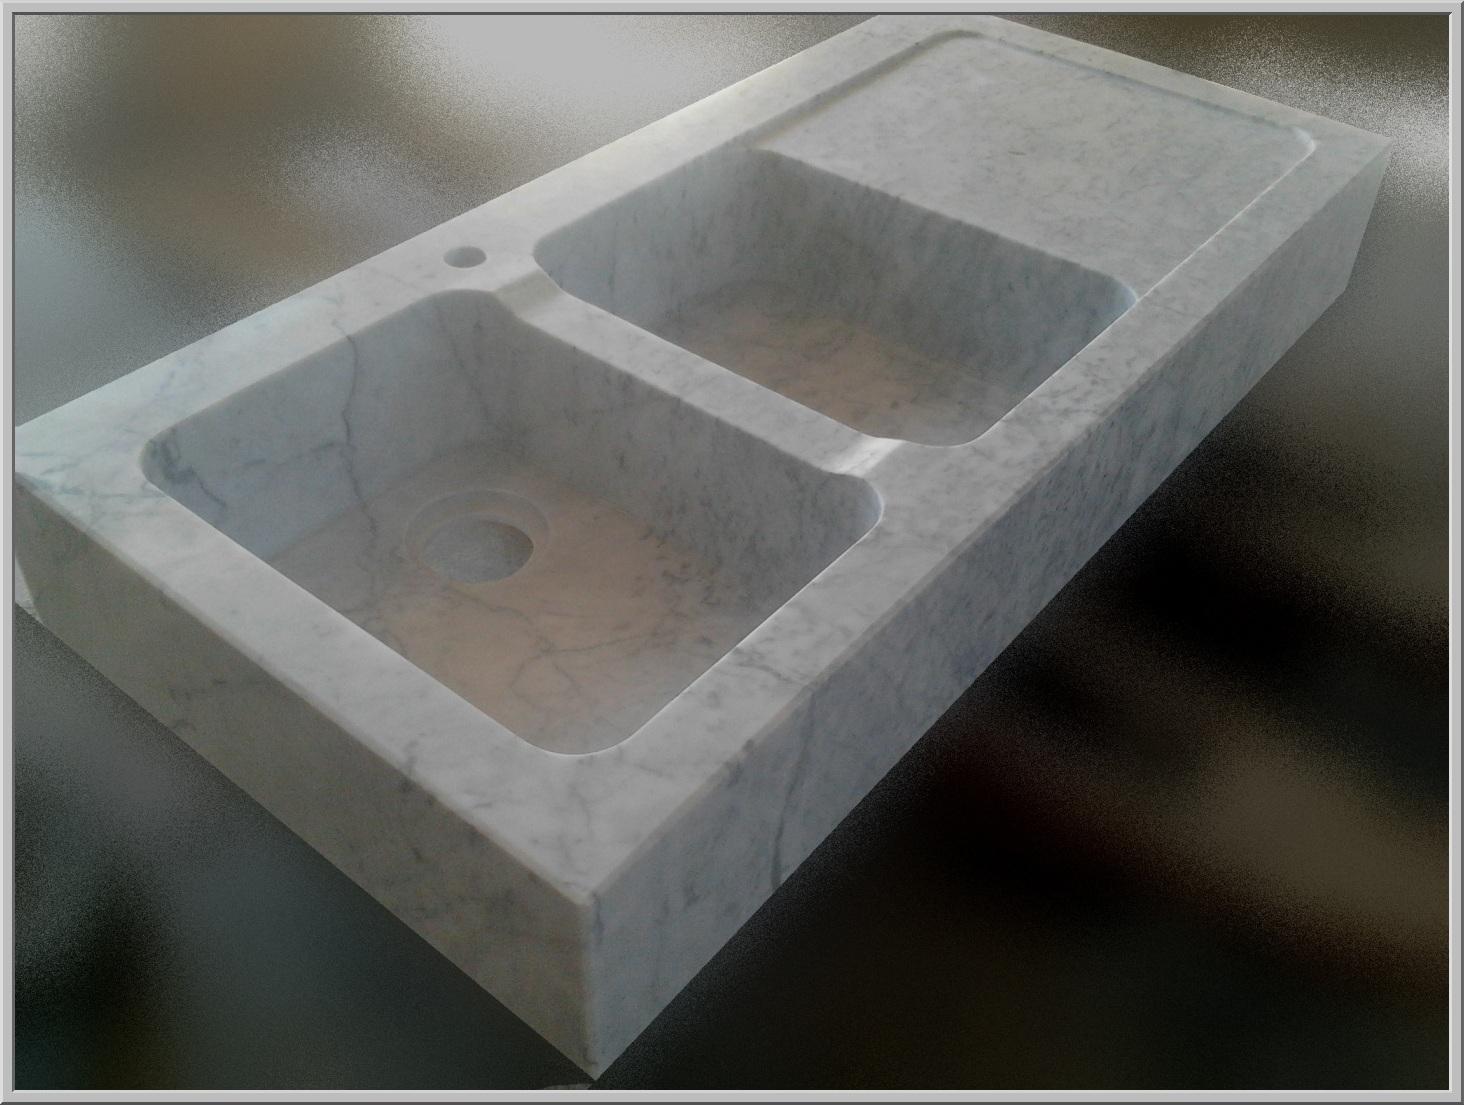 Marmo pietra acquaio scavato cucina esterno taverna - Lavandini in marmo per cucina ...